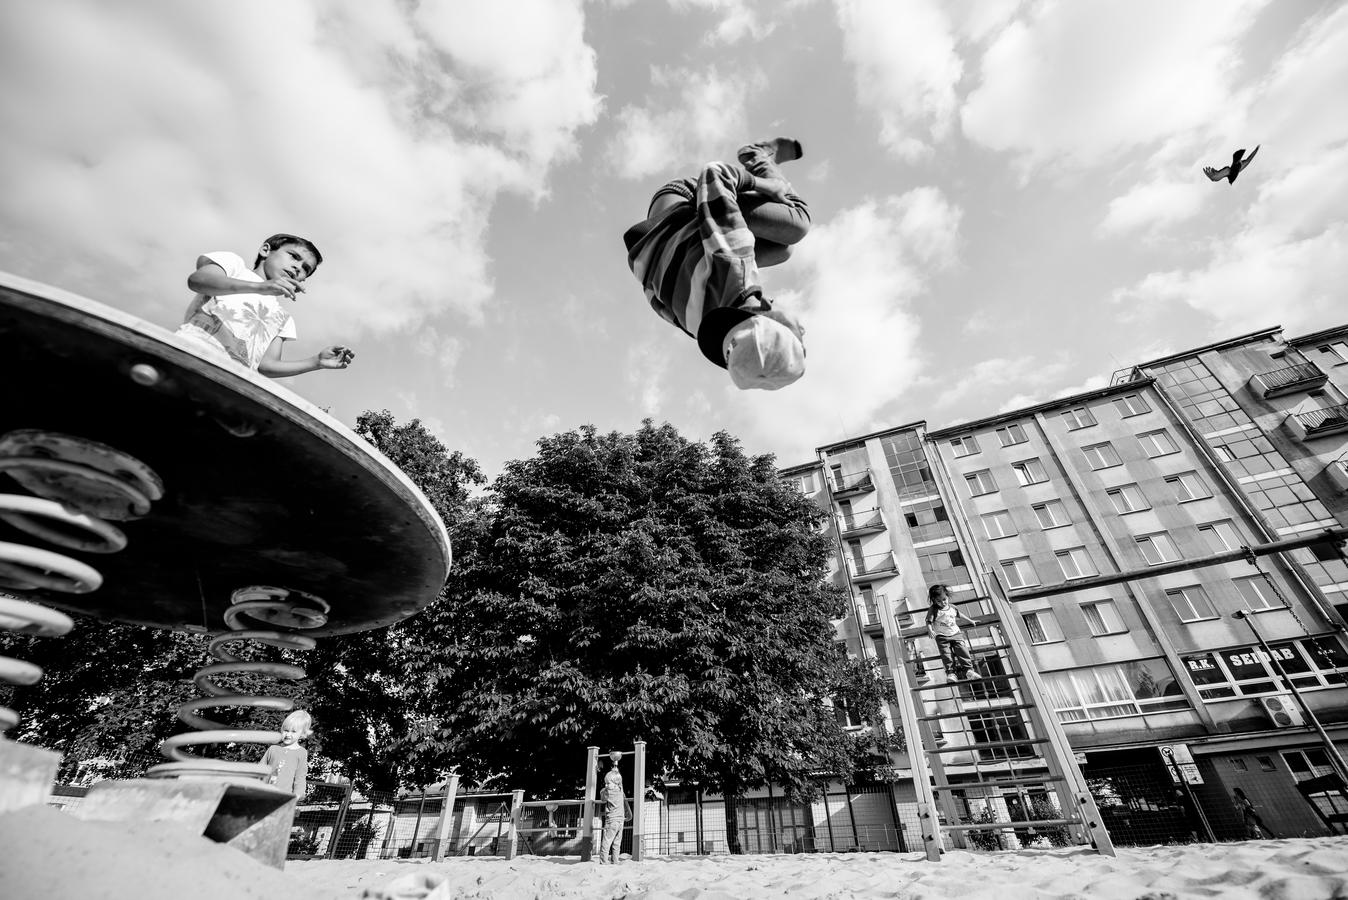 Dětské hřiště 21. století - Ústí nad Labem